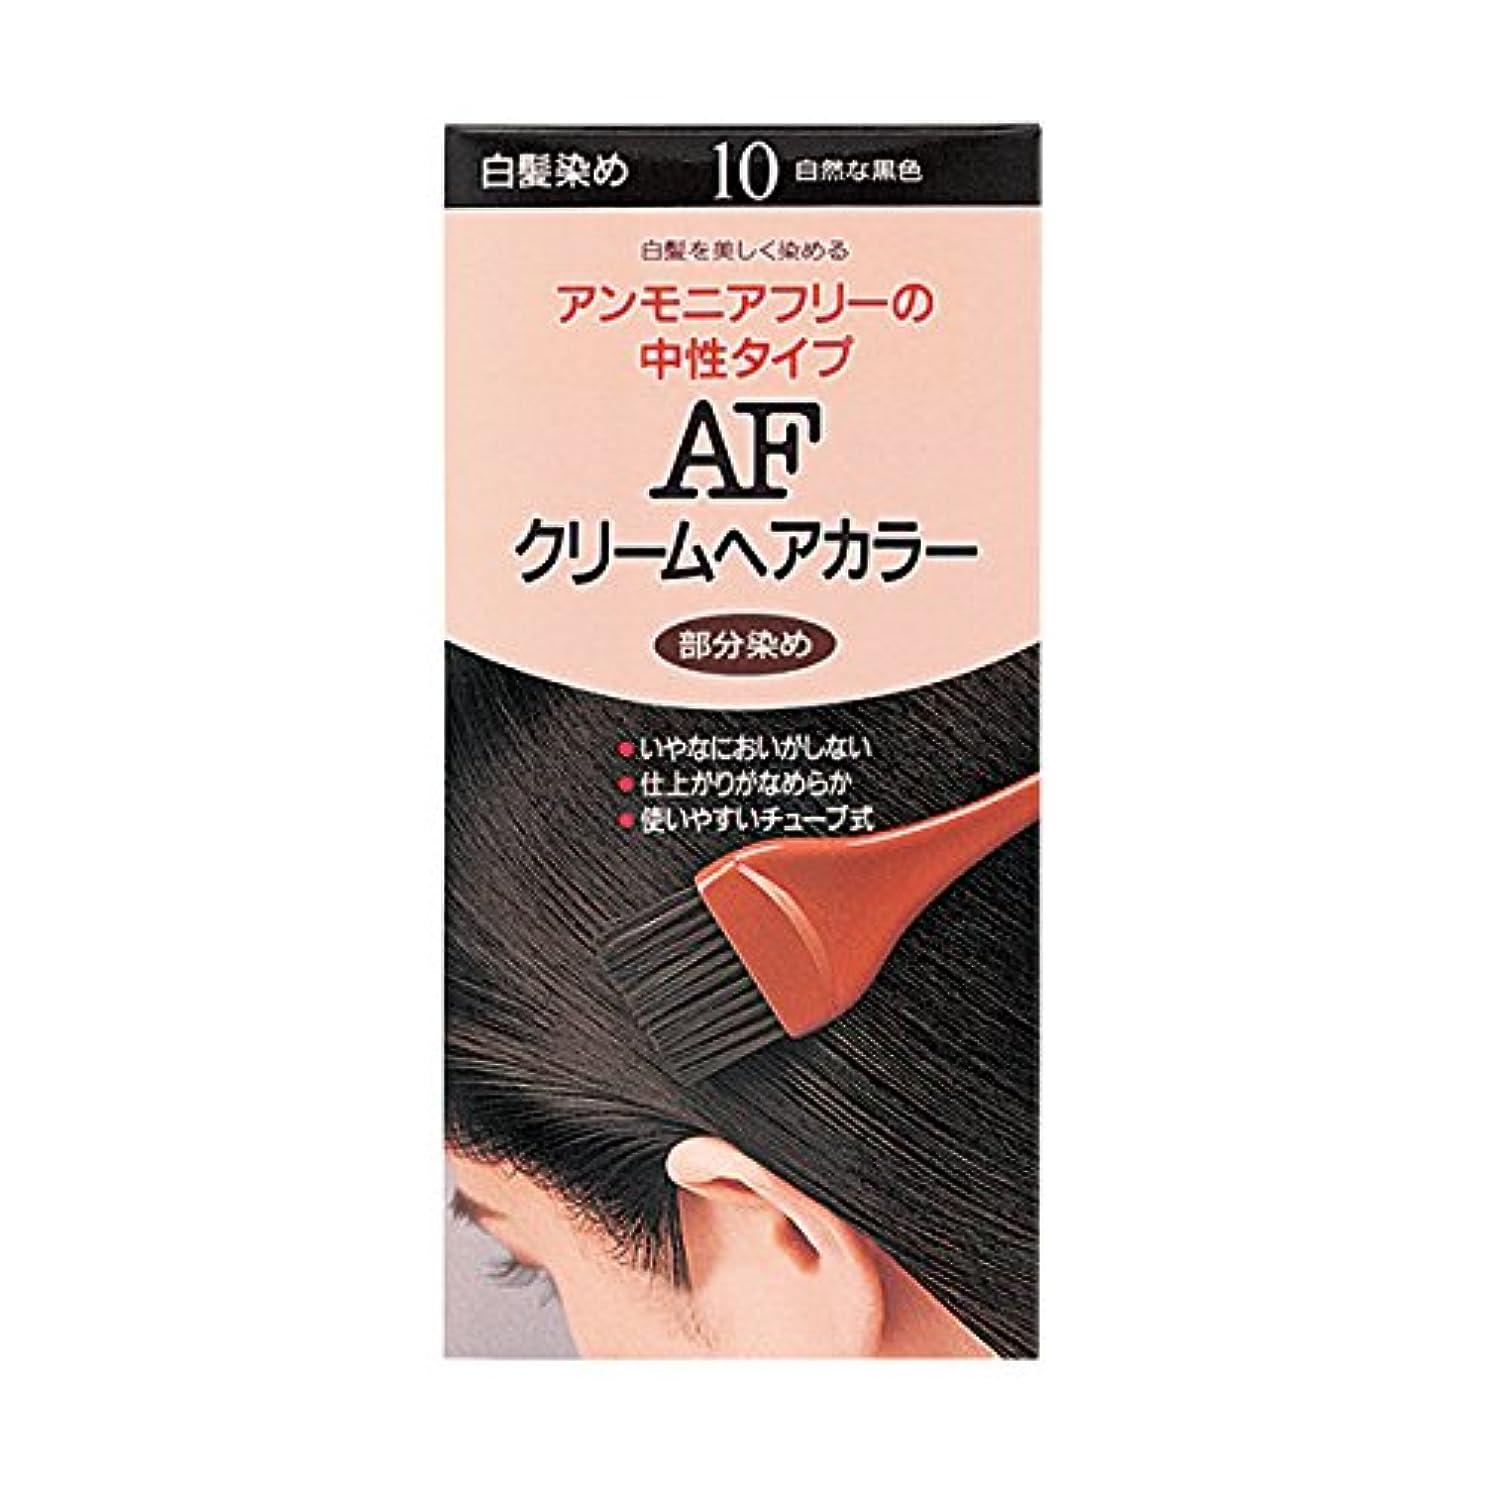 機動深く馬鹿ヘアカラー AFクリームヘアカラー 10 【医薬部外品】